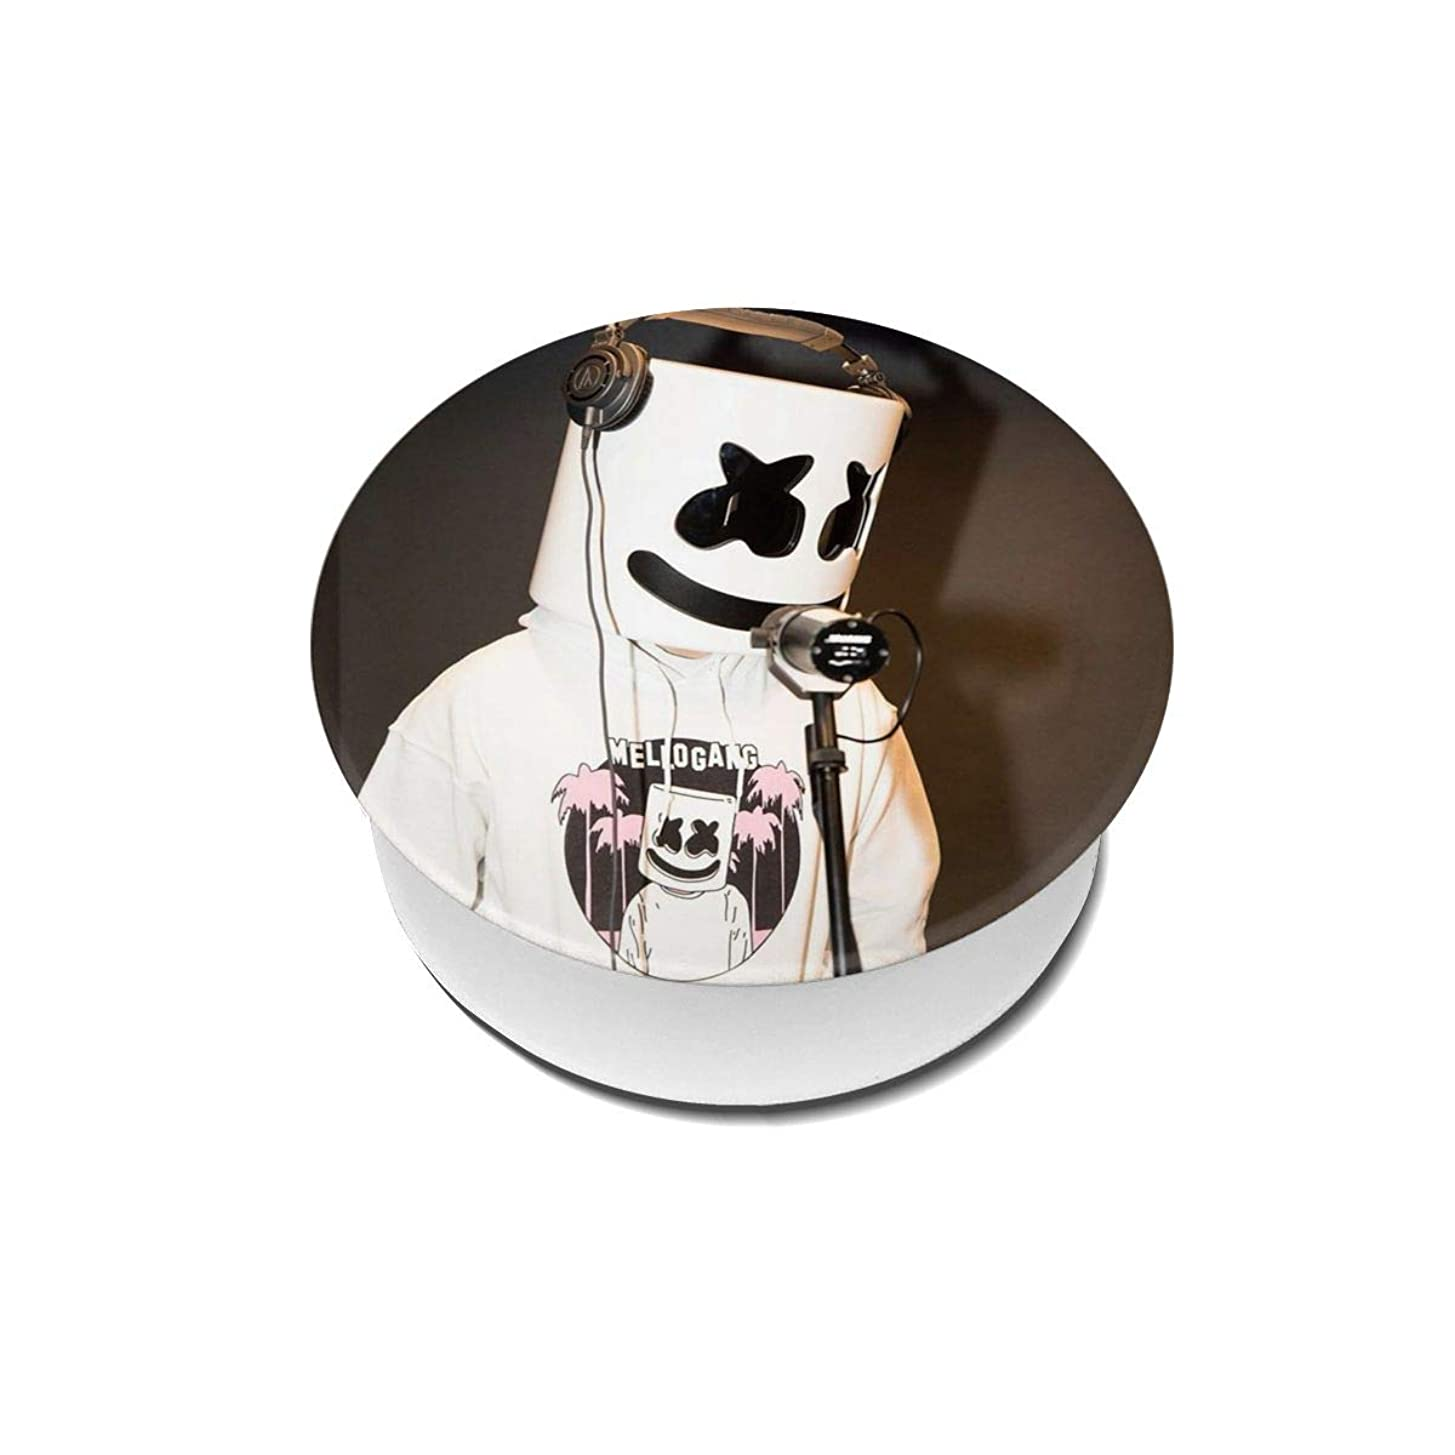 胚家統合Yinian 4個入リ マシュメロ Marshmello スマホリング/スマホスタンド/スマホグリップ/スマホアクセサリー バンカーリング スマホ リング おしゃれ ホールドリング 薄型 スタンド機能 ホルダー 落下防止 軽い 各種他対応/iPhone/Android(2pcs入リ)